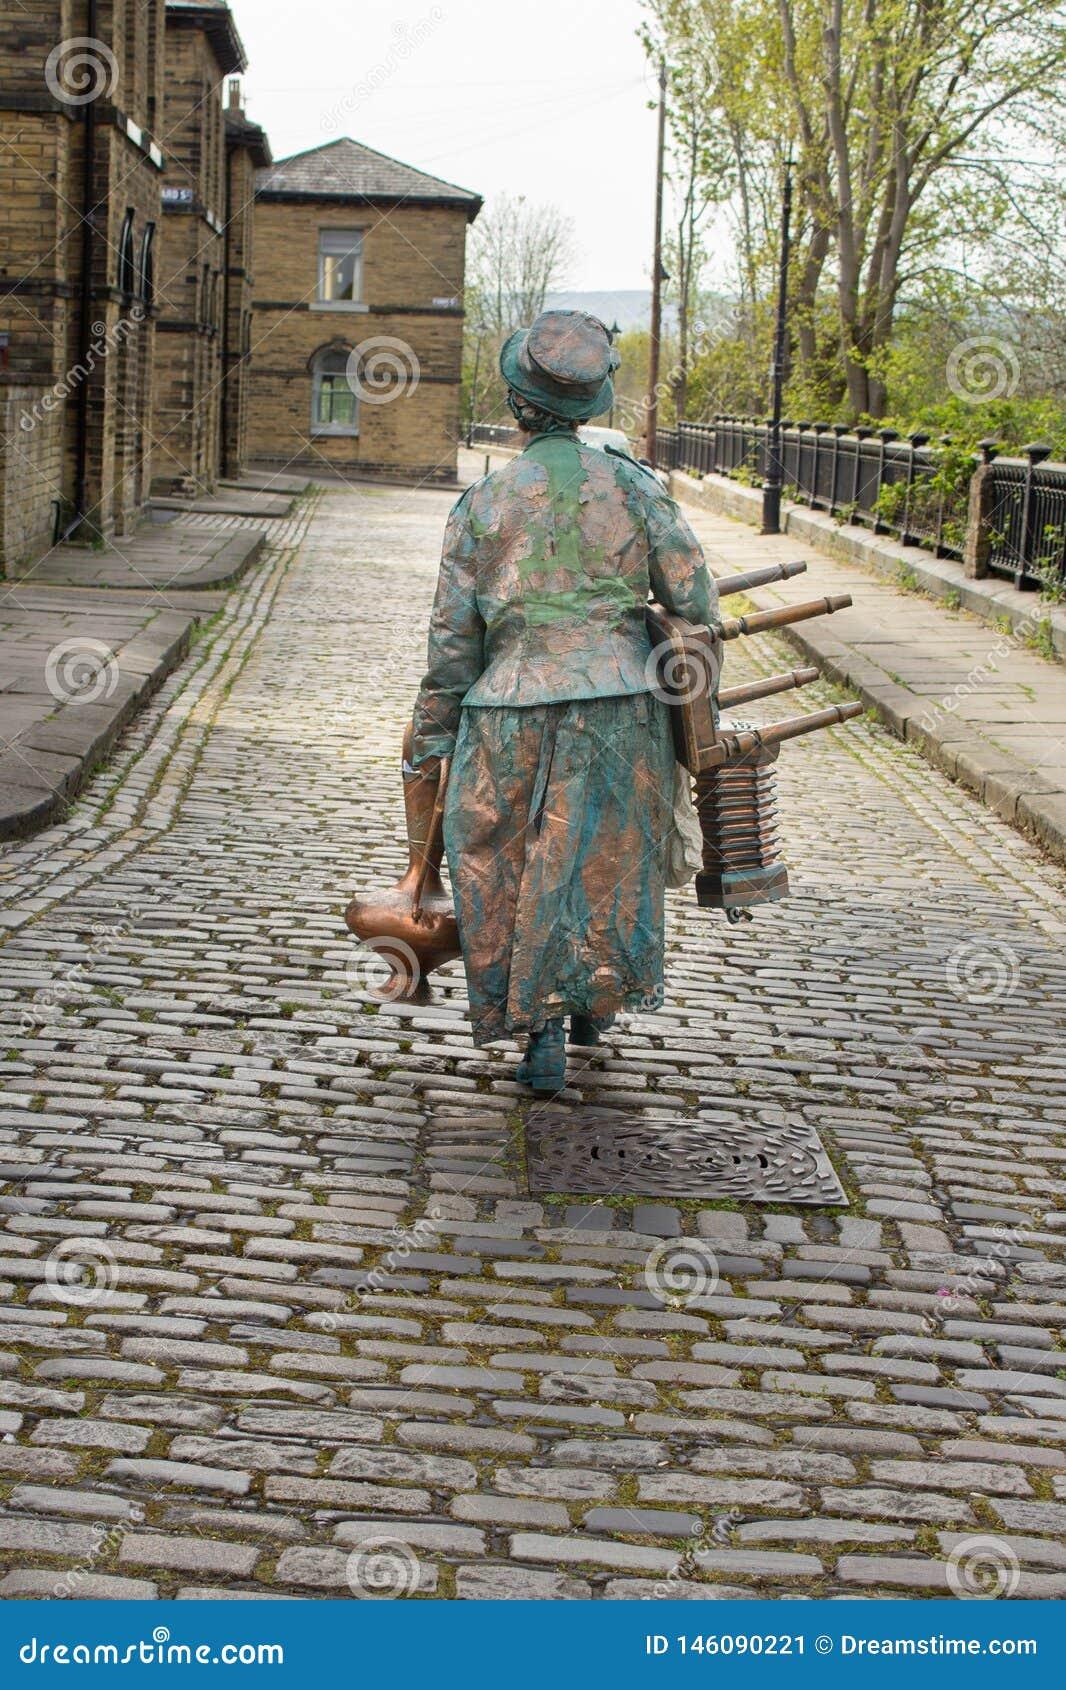 Уличный исполнитель делает ее путь дом над мостит булыжником